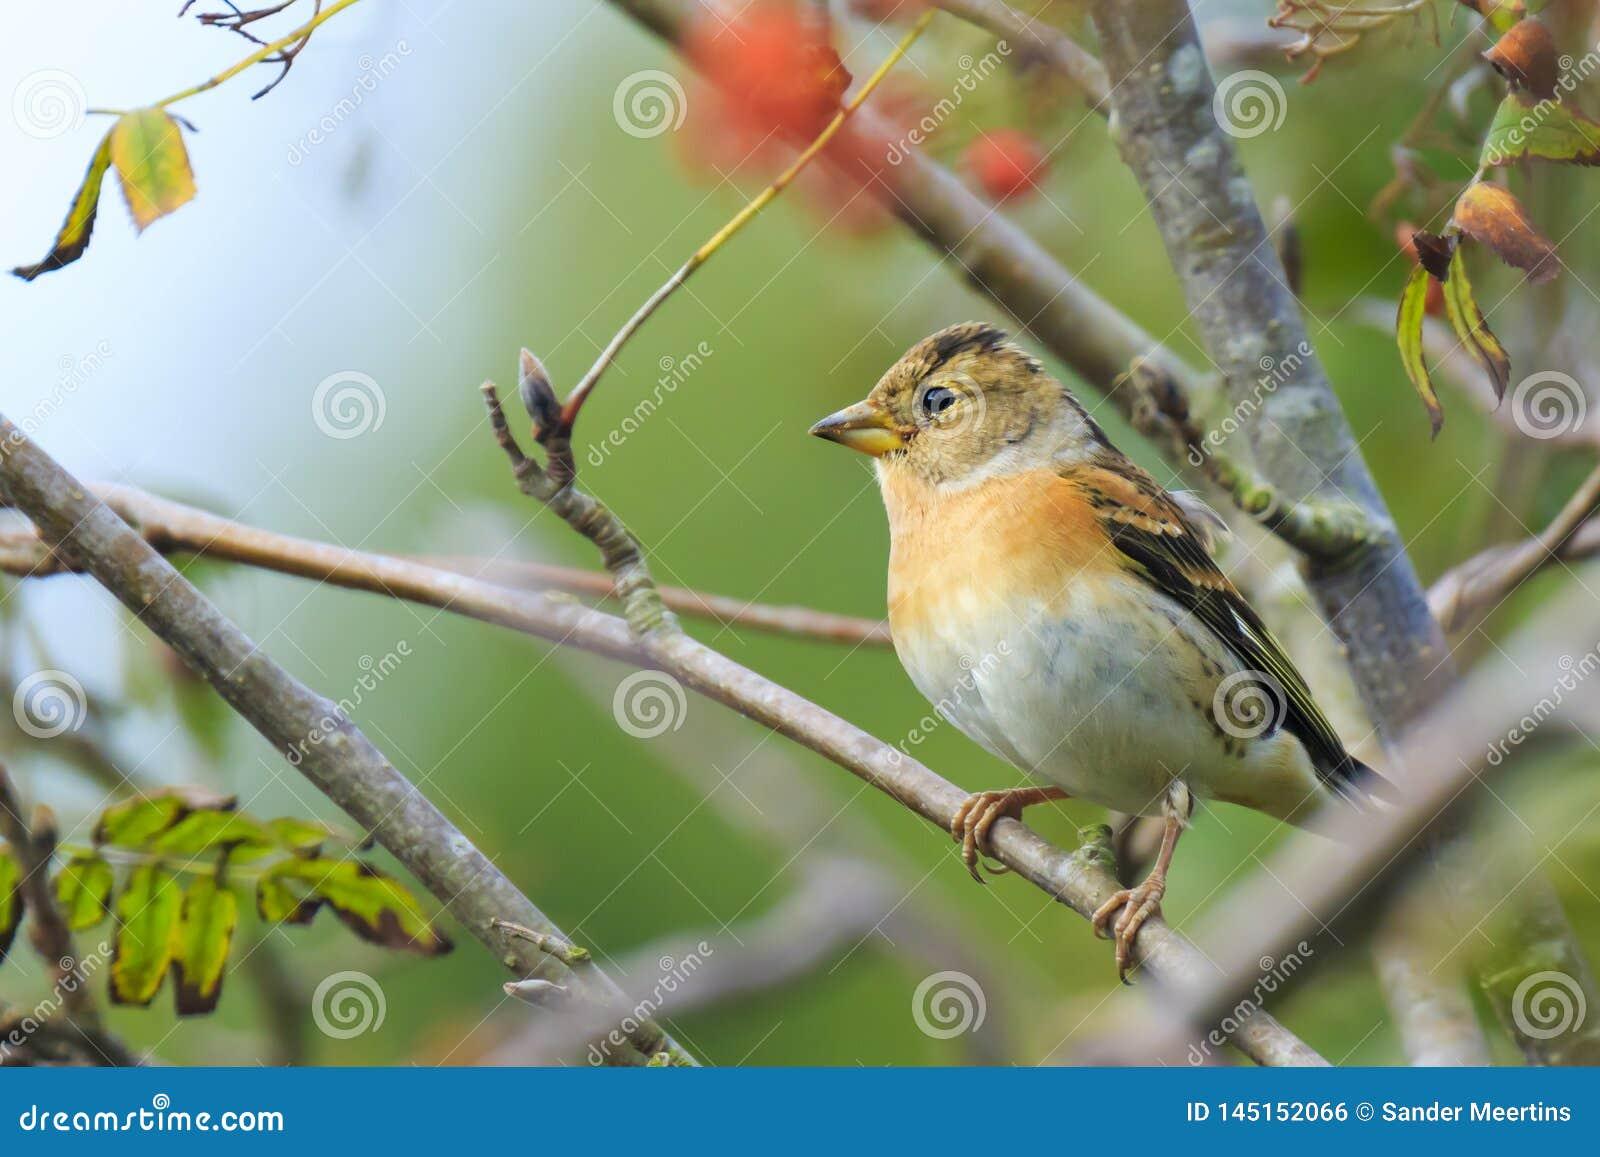 花鸡鸟,Fringilla montifringilla,在冬天全身羽毛哺养的莓果